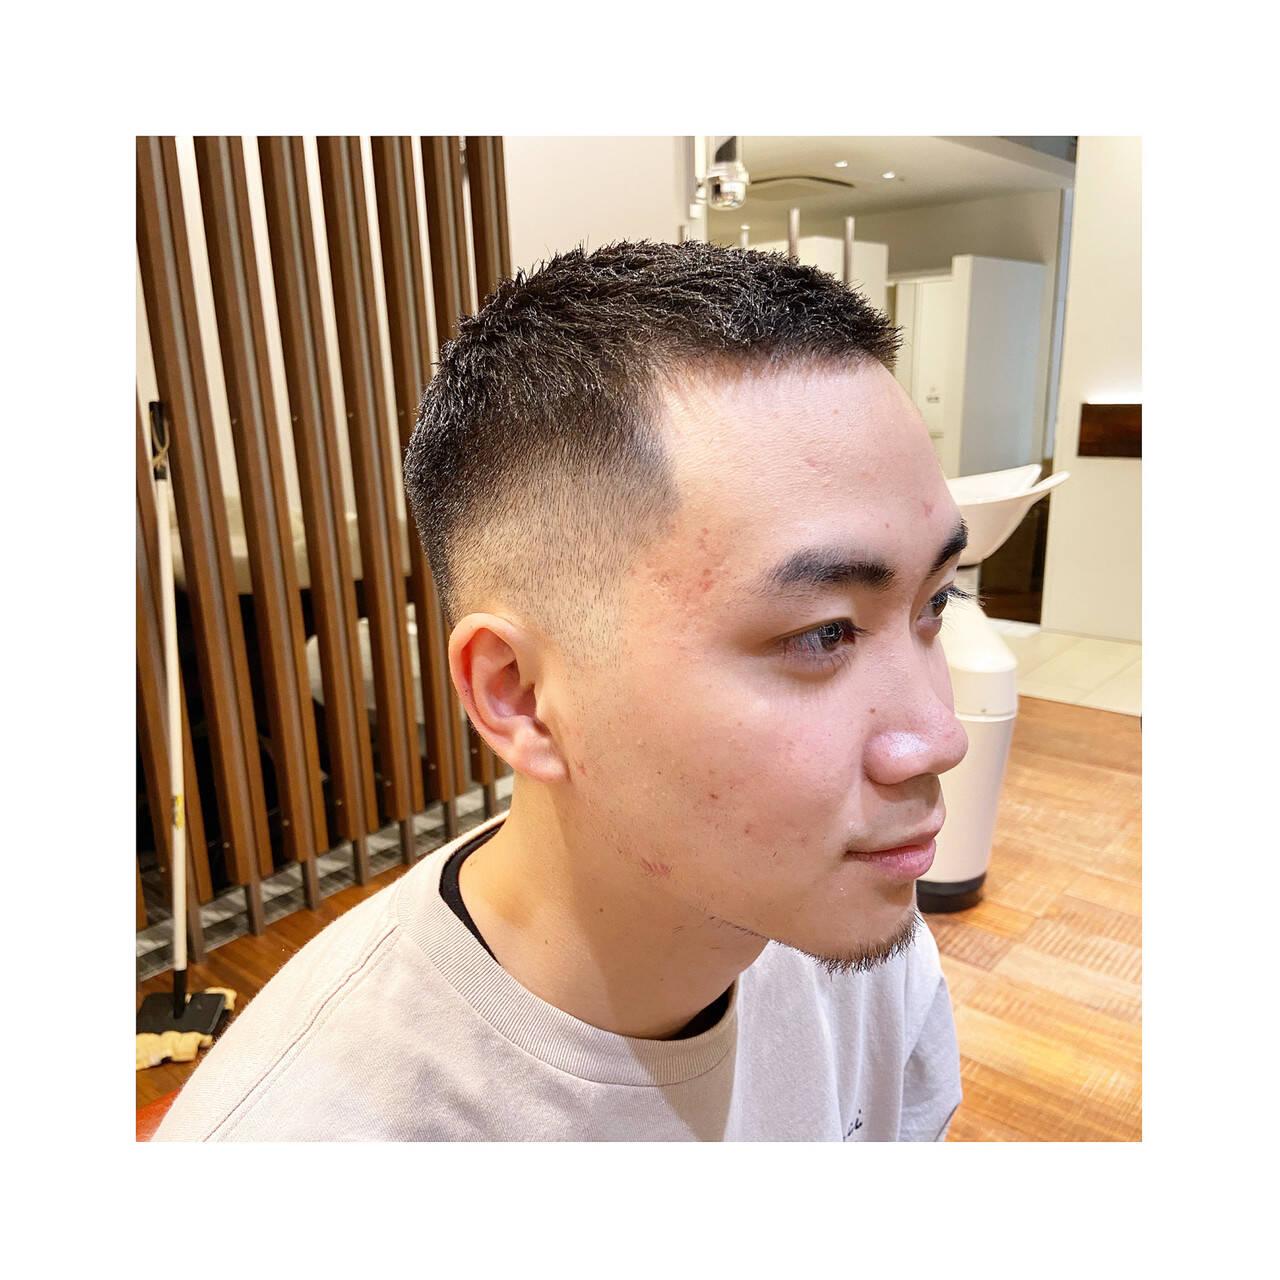 メンズカット ショート ストリート メンズヘアスタイルや髪型の写真・画像